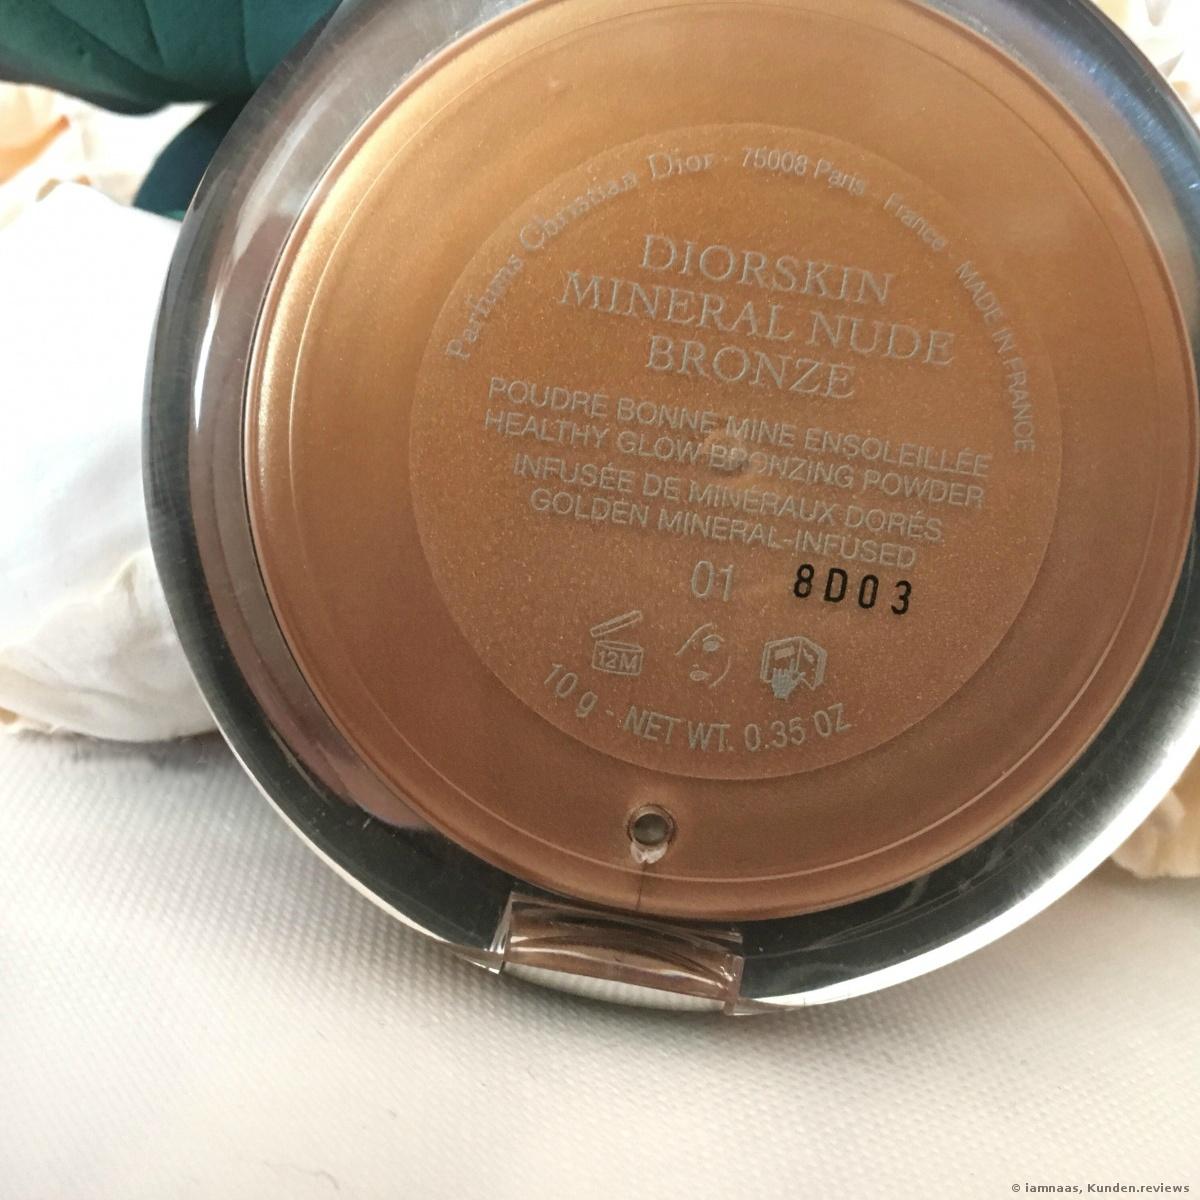 Diorskin Mineral Nude Bronze Powder